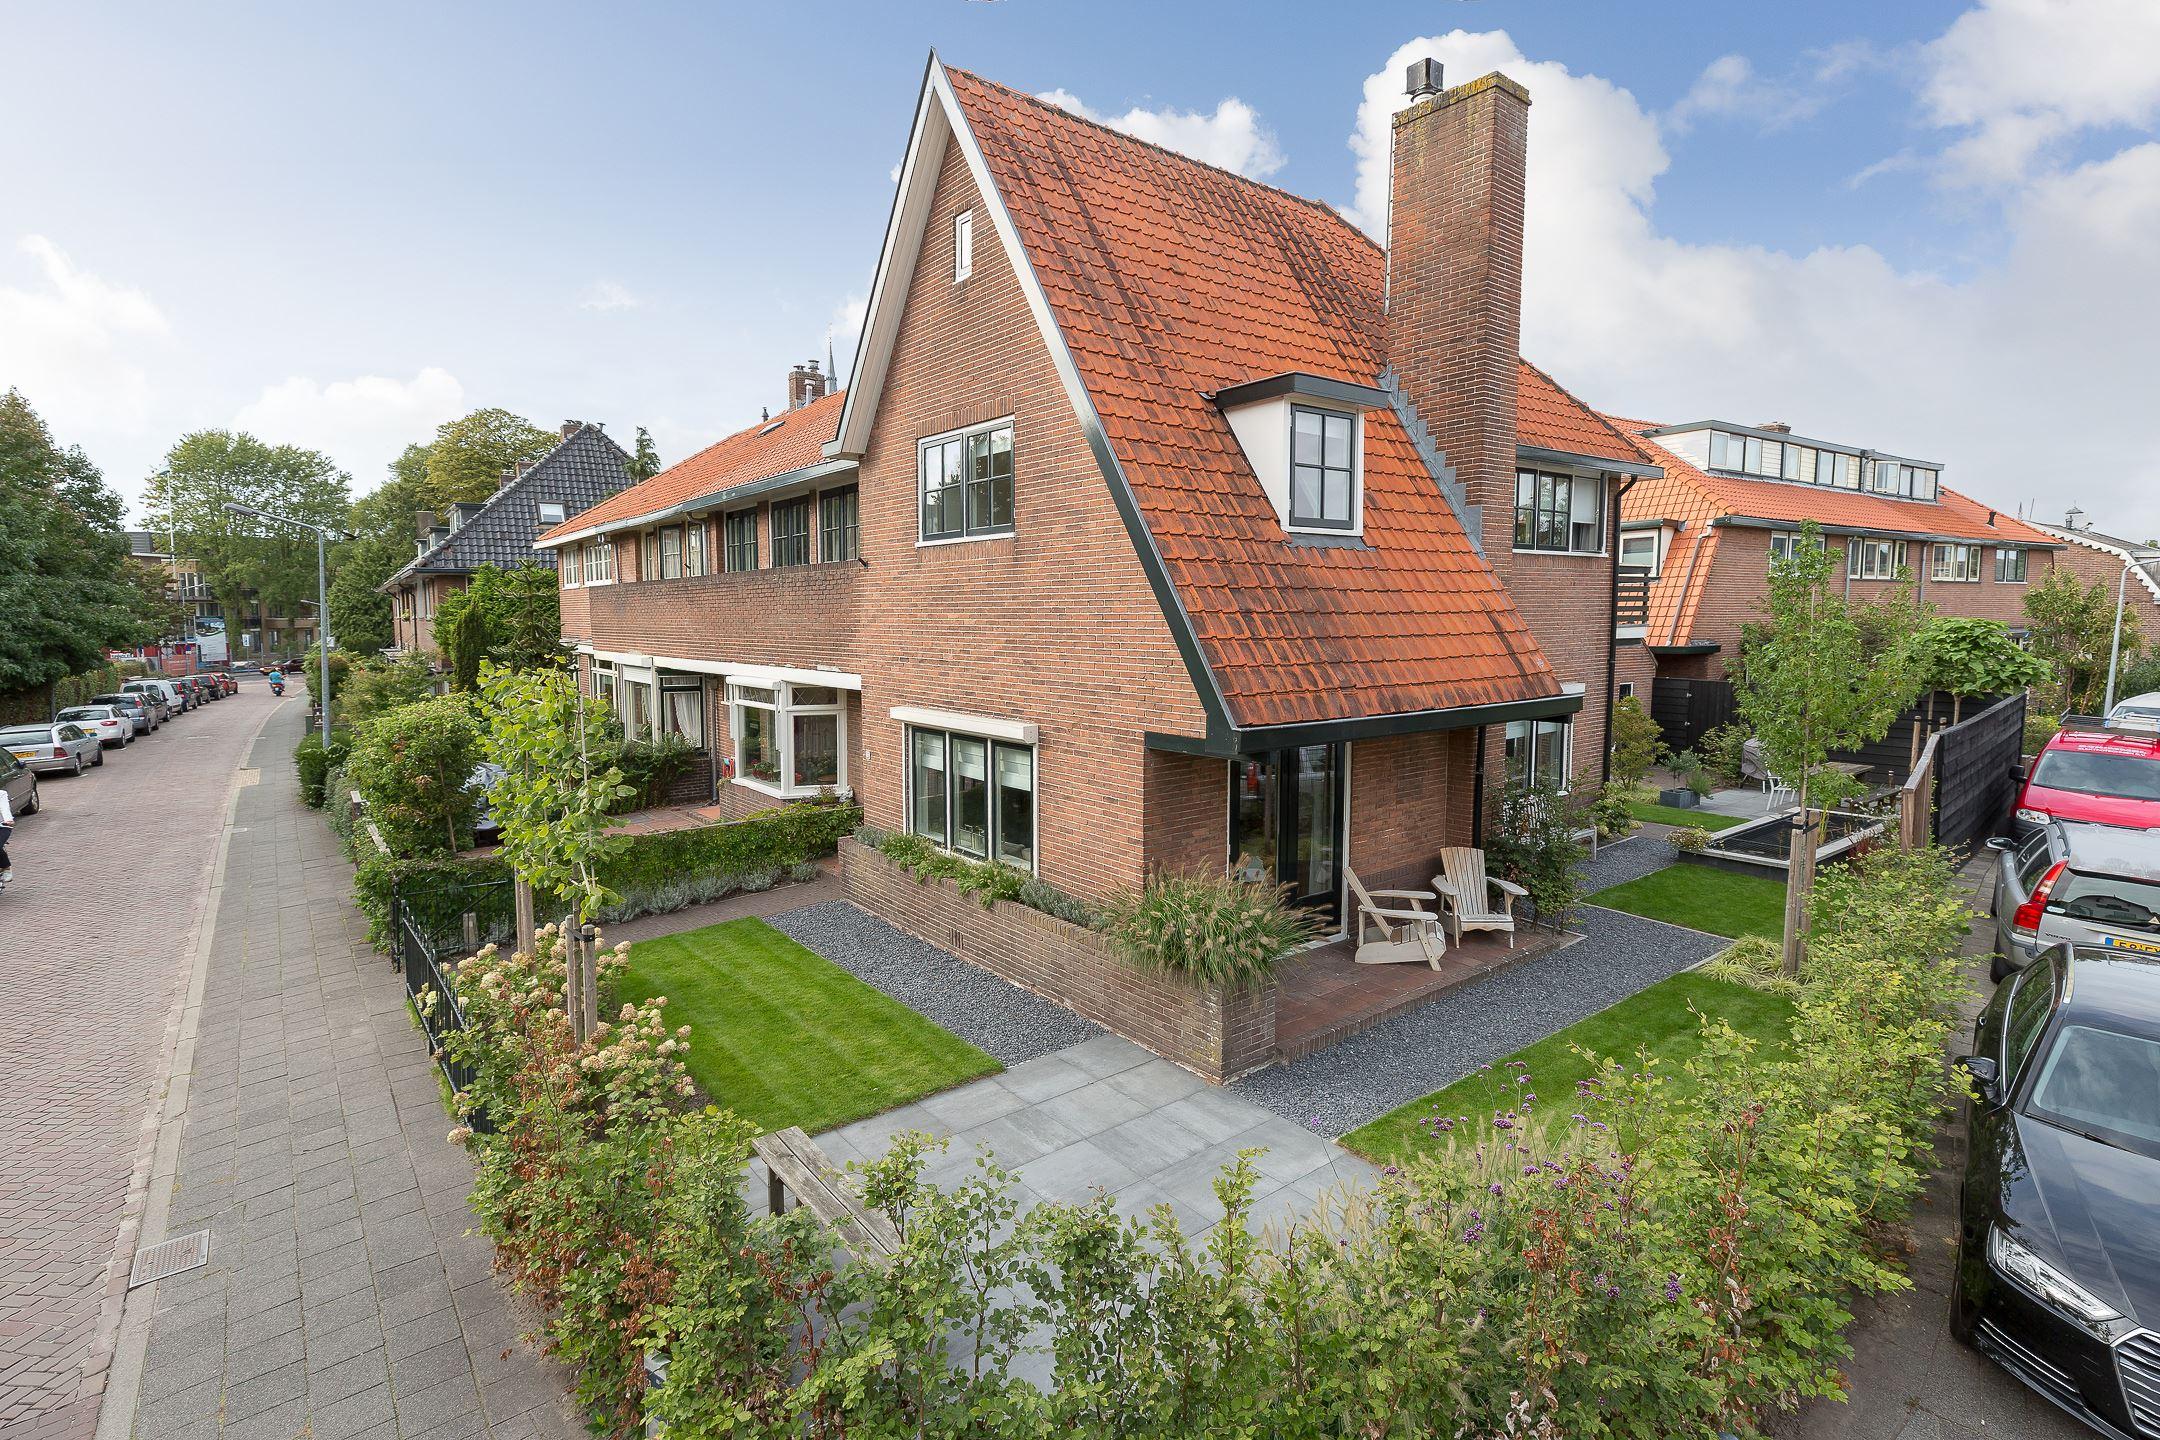 Huis te koop oude amersfoortseweg 25 1213 aa hilversum for Huis hilversum